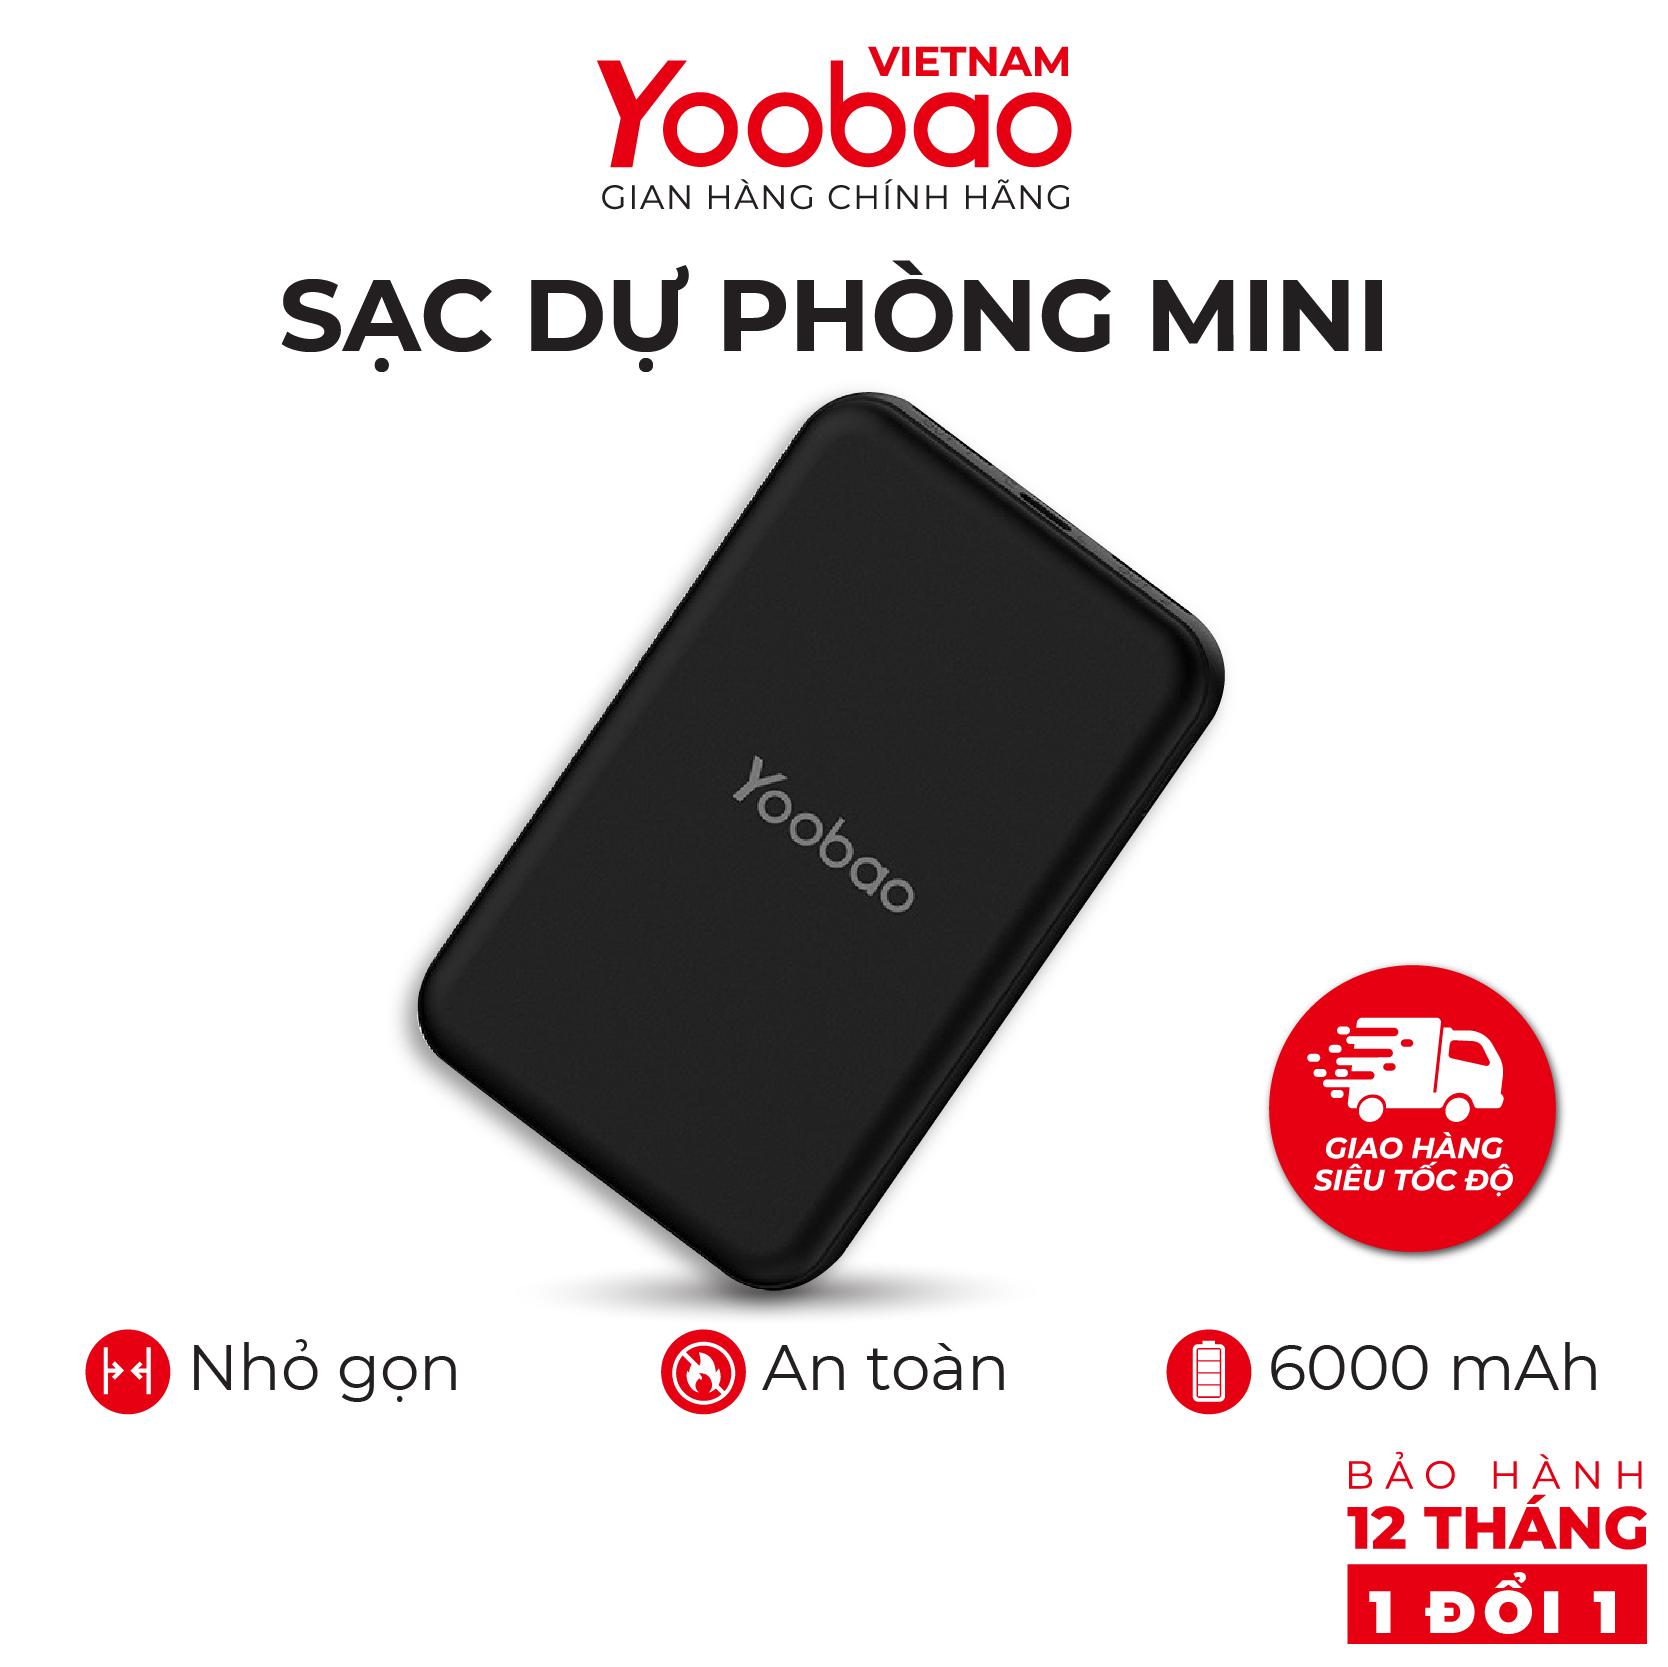 Sạc dự phòng mini 6000mAh Yoobao P6W - Hàng phân phối chính hãng - Bảo hành 12 tháng 1 đổi 1